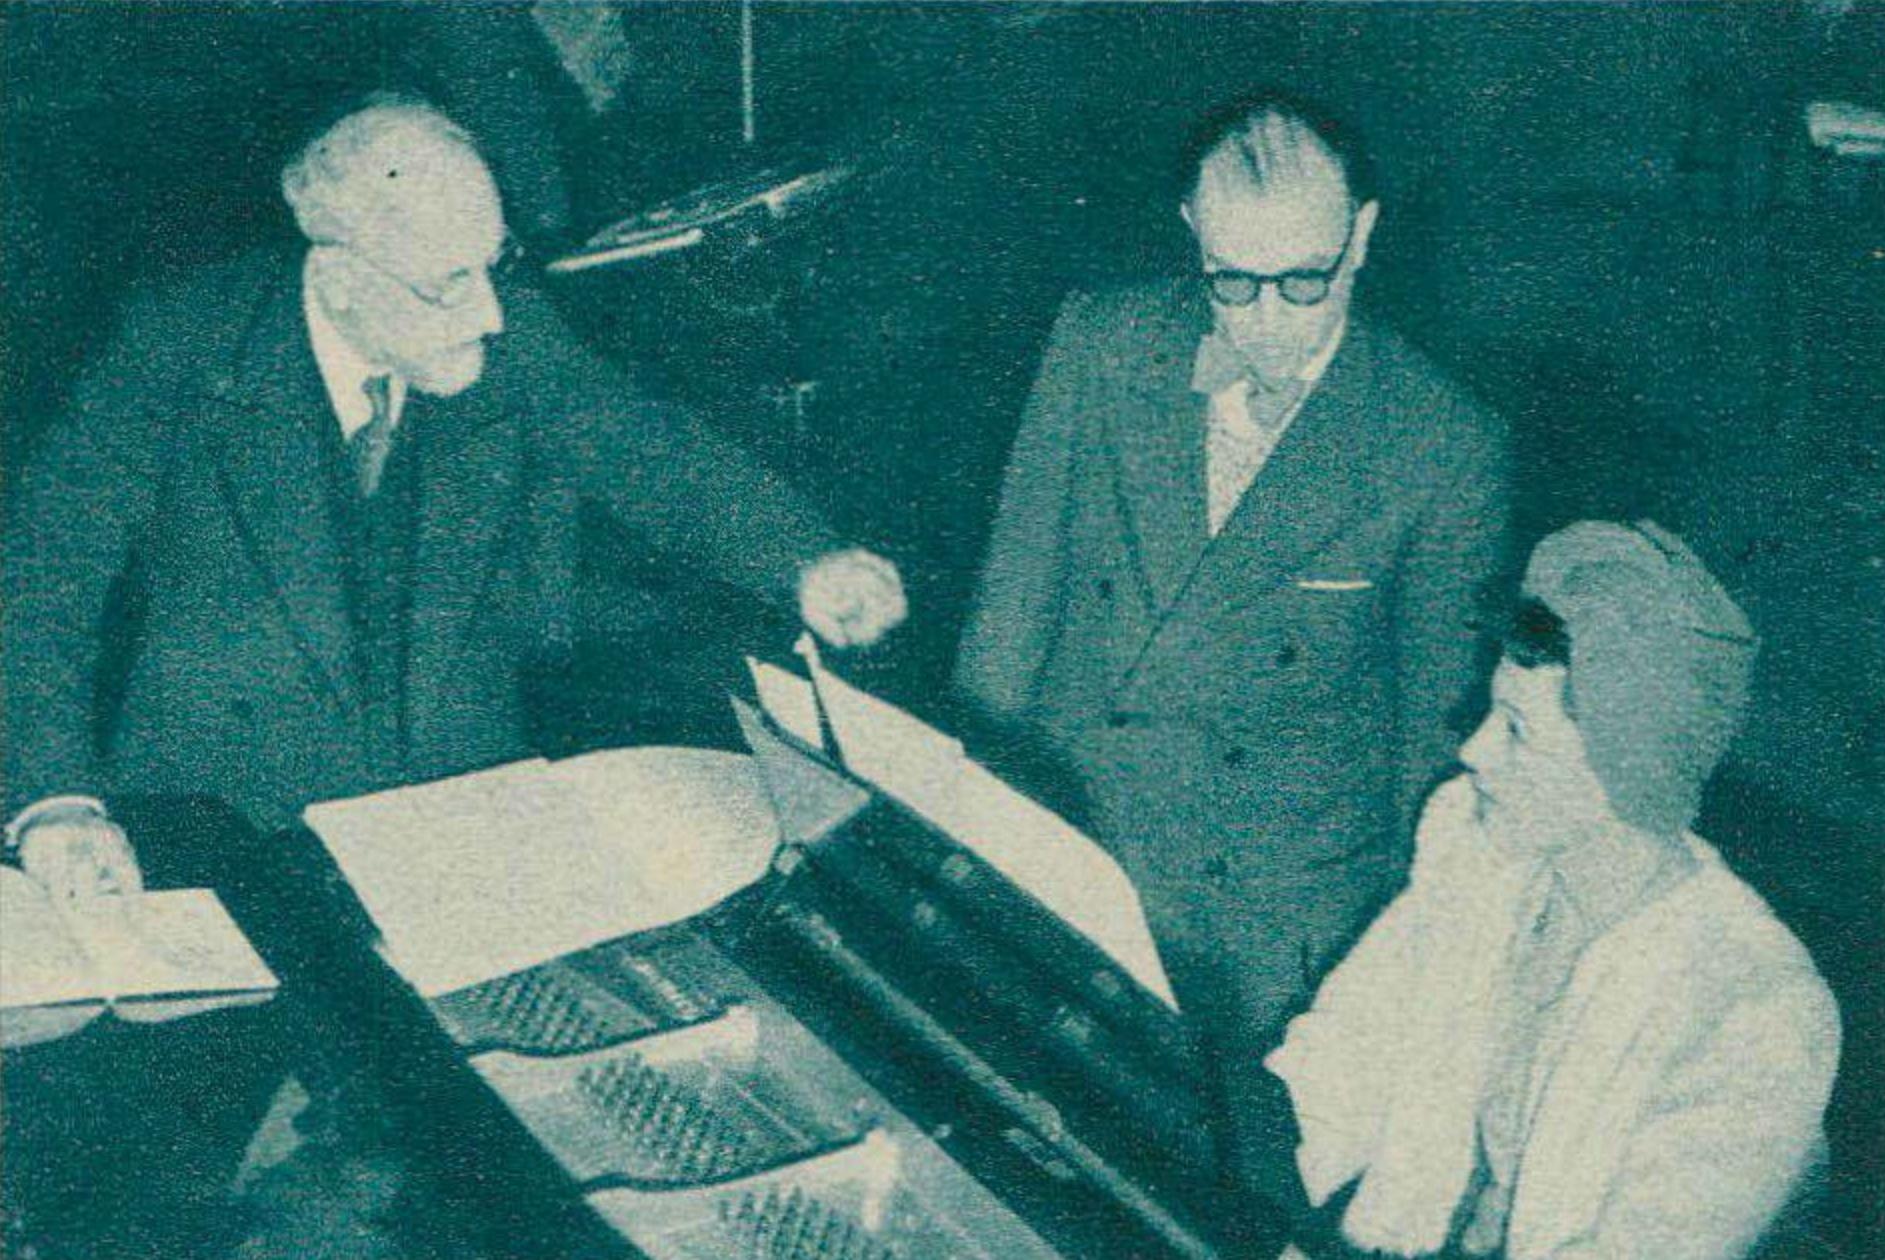 Première lecture au piano, par Mlle FOETISCH, de la partition de Honegger, sous la direction d'Ernest ANSERMET